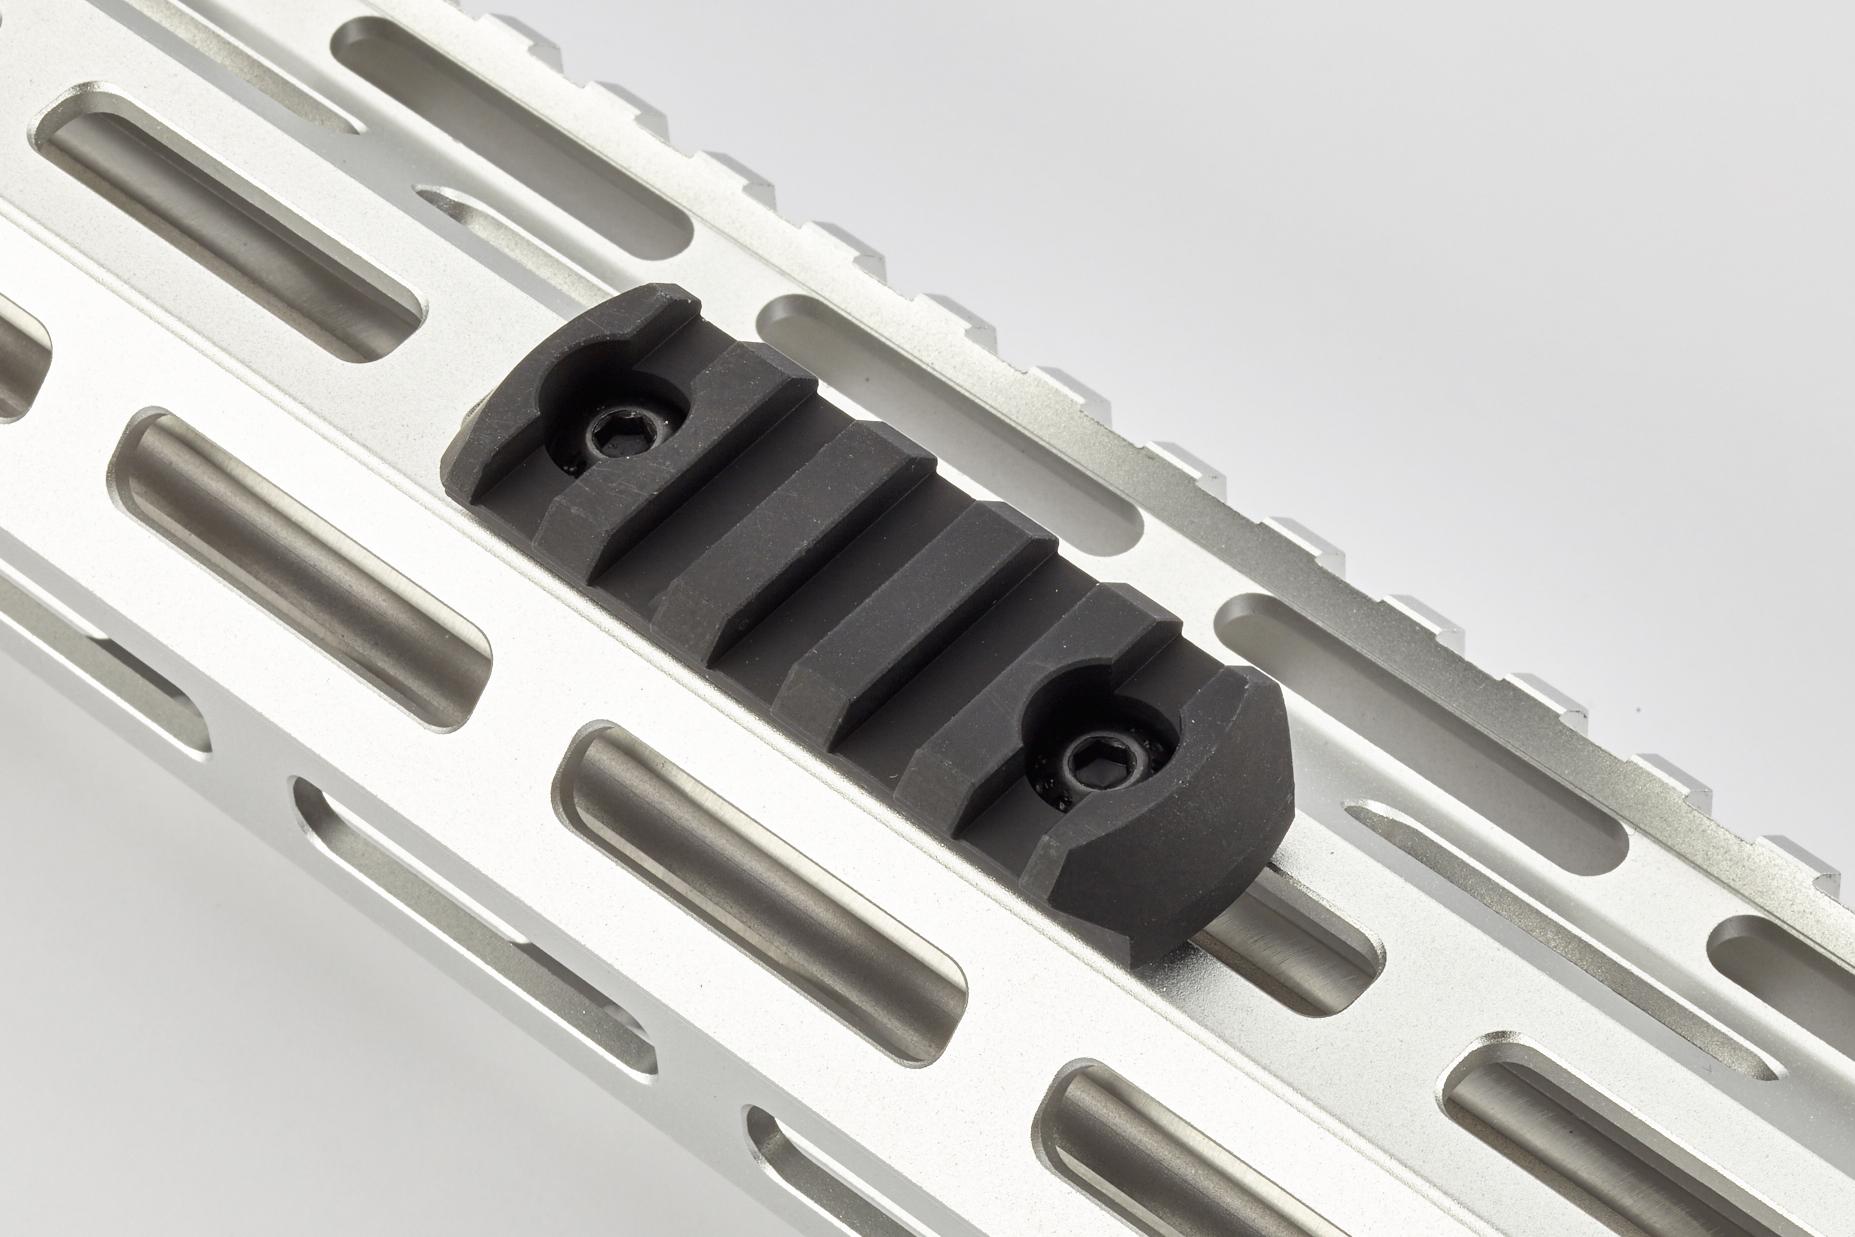 Magpul m lok aluminum rail slot http